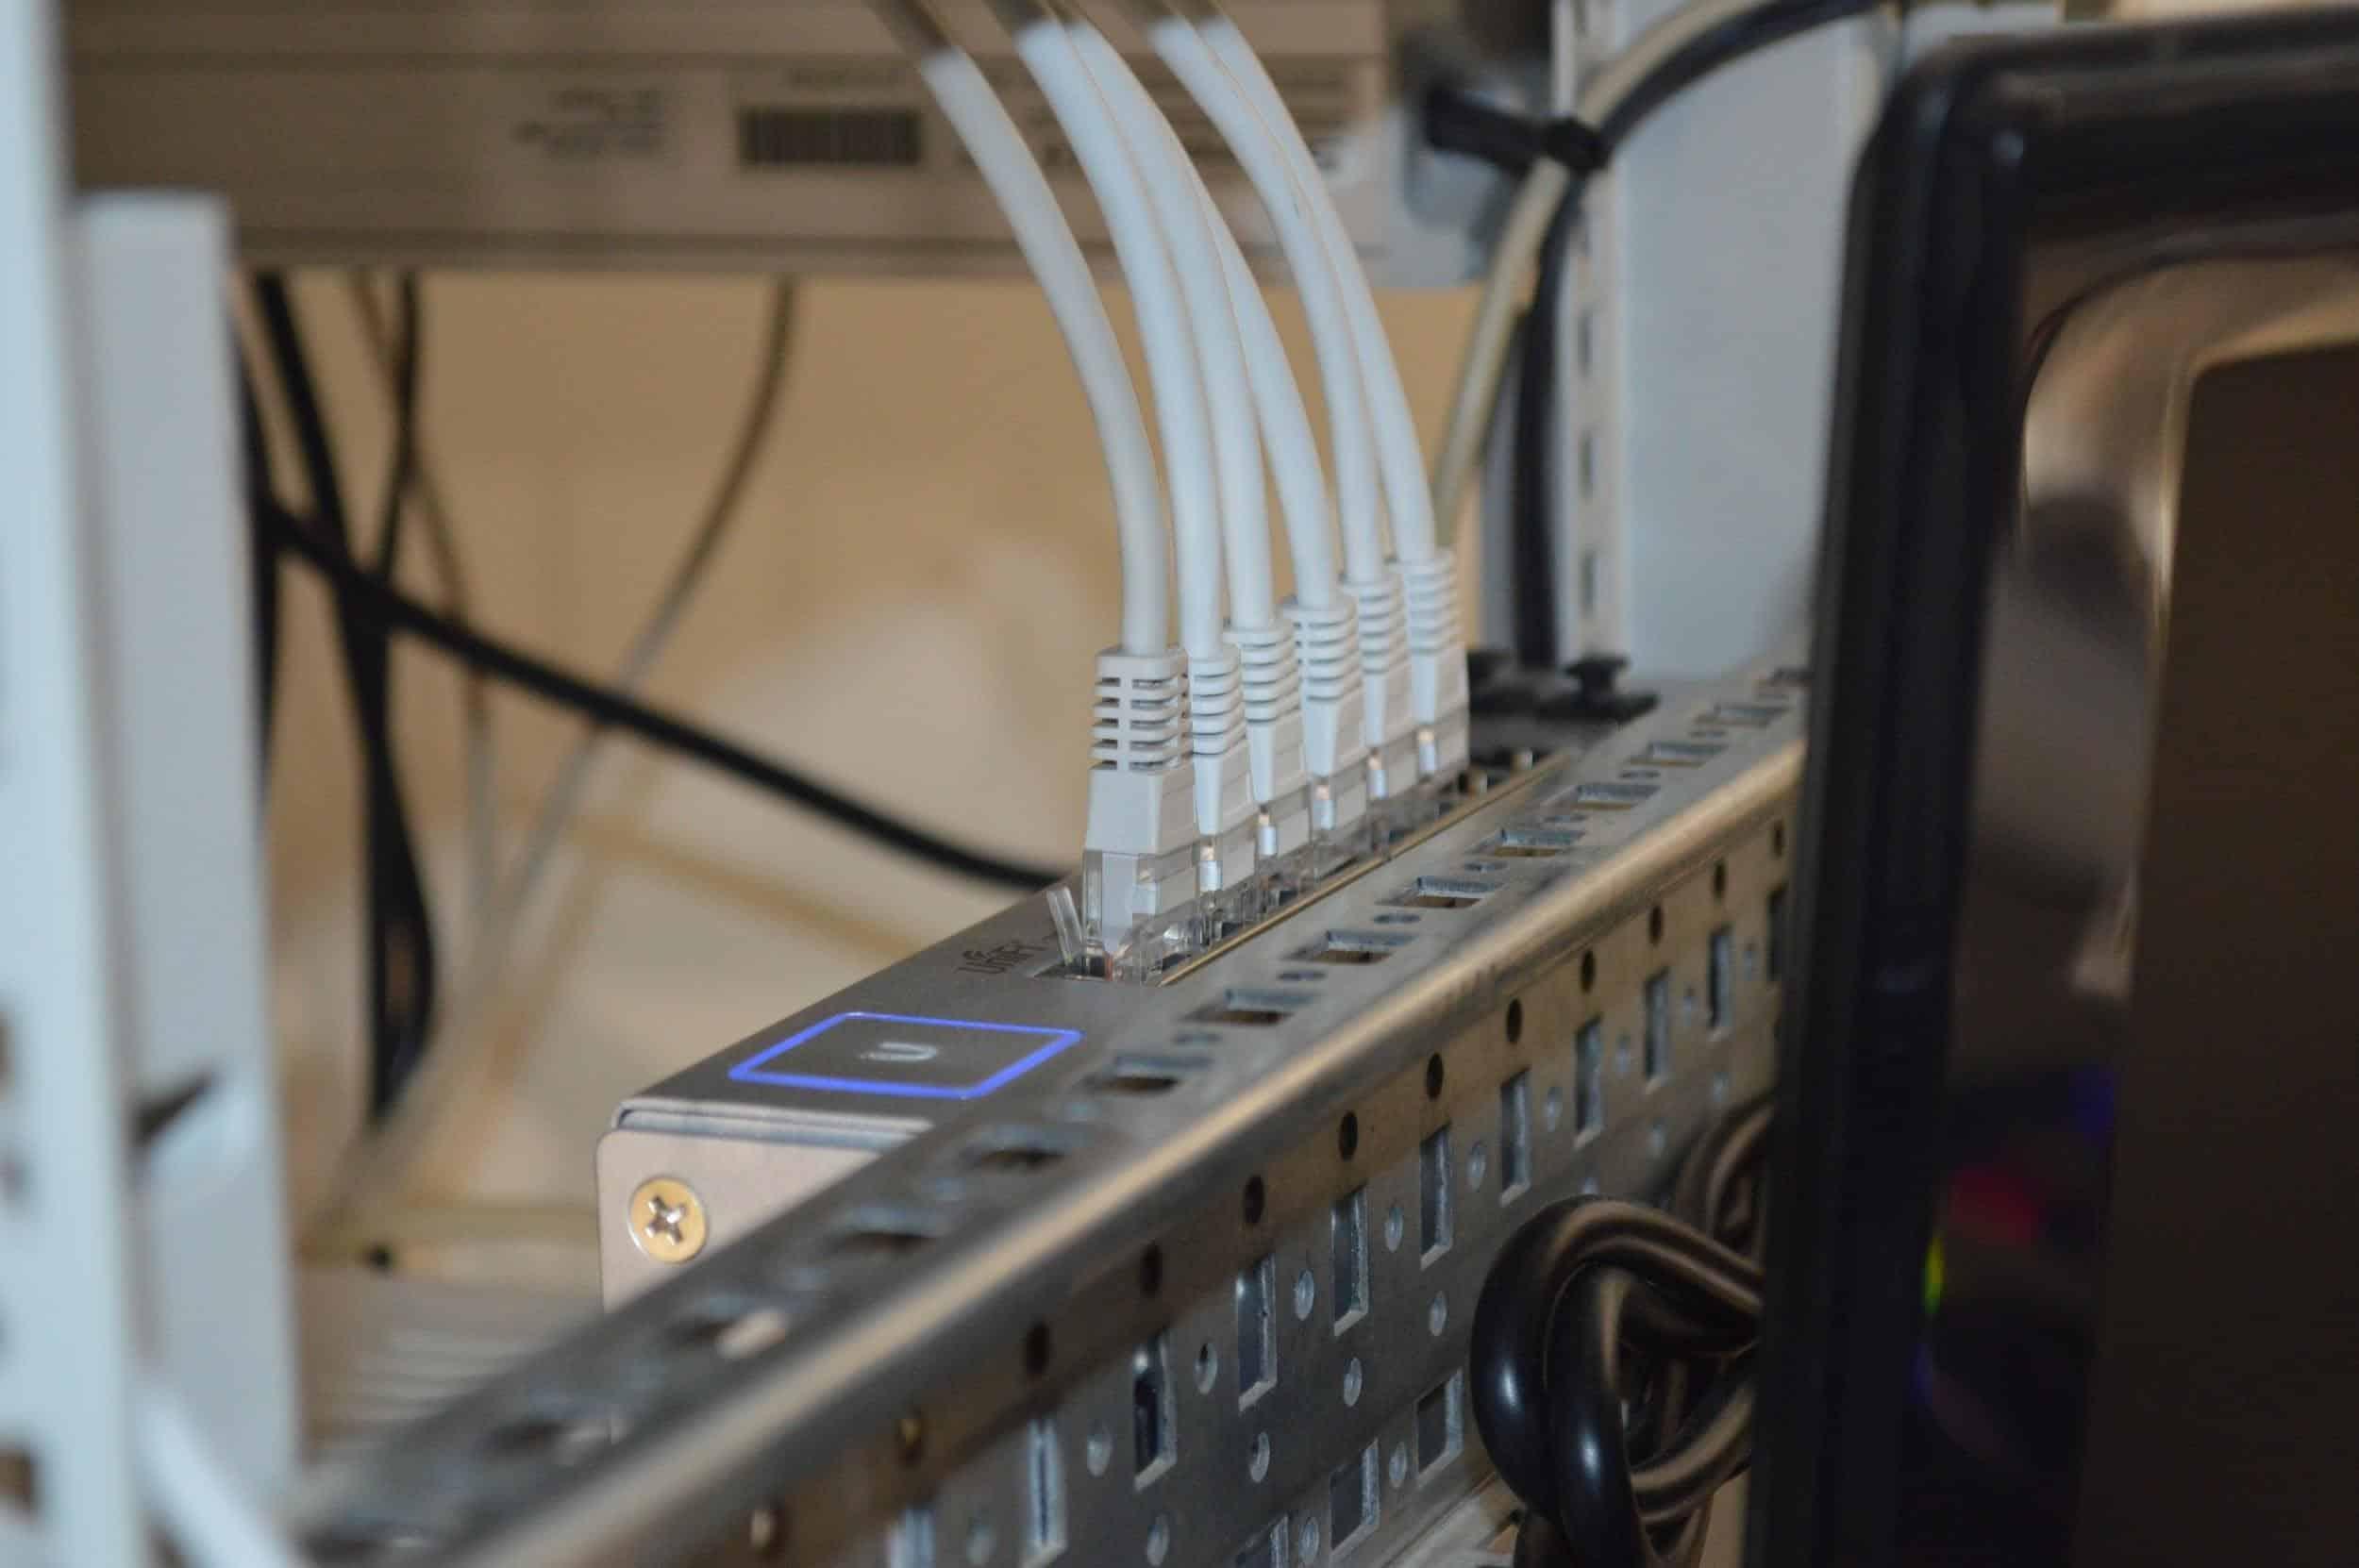 Diffusione di internet in Puglia: com'è la situazione?